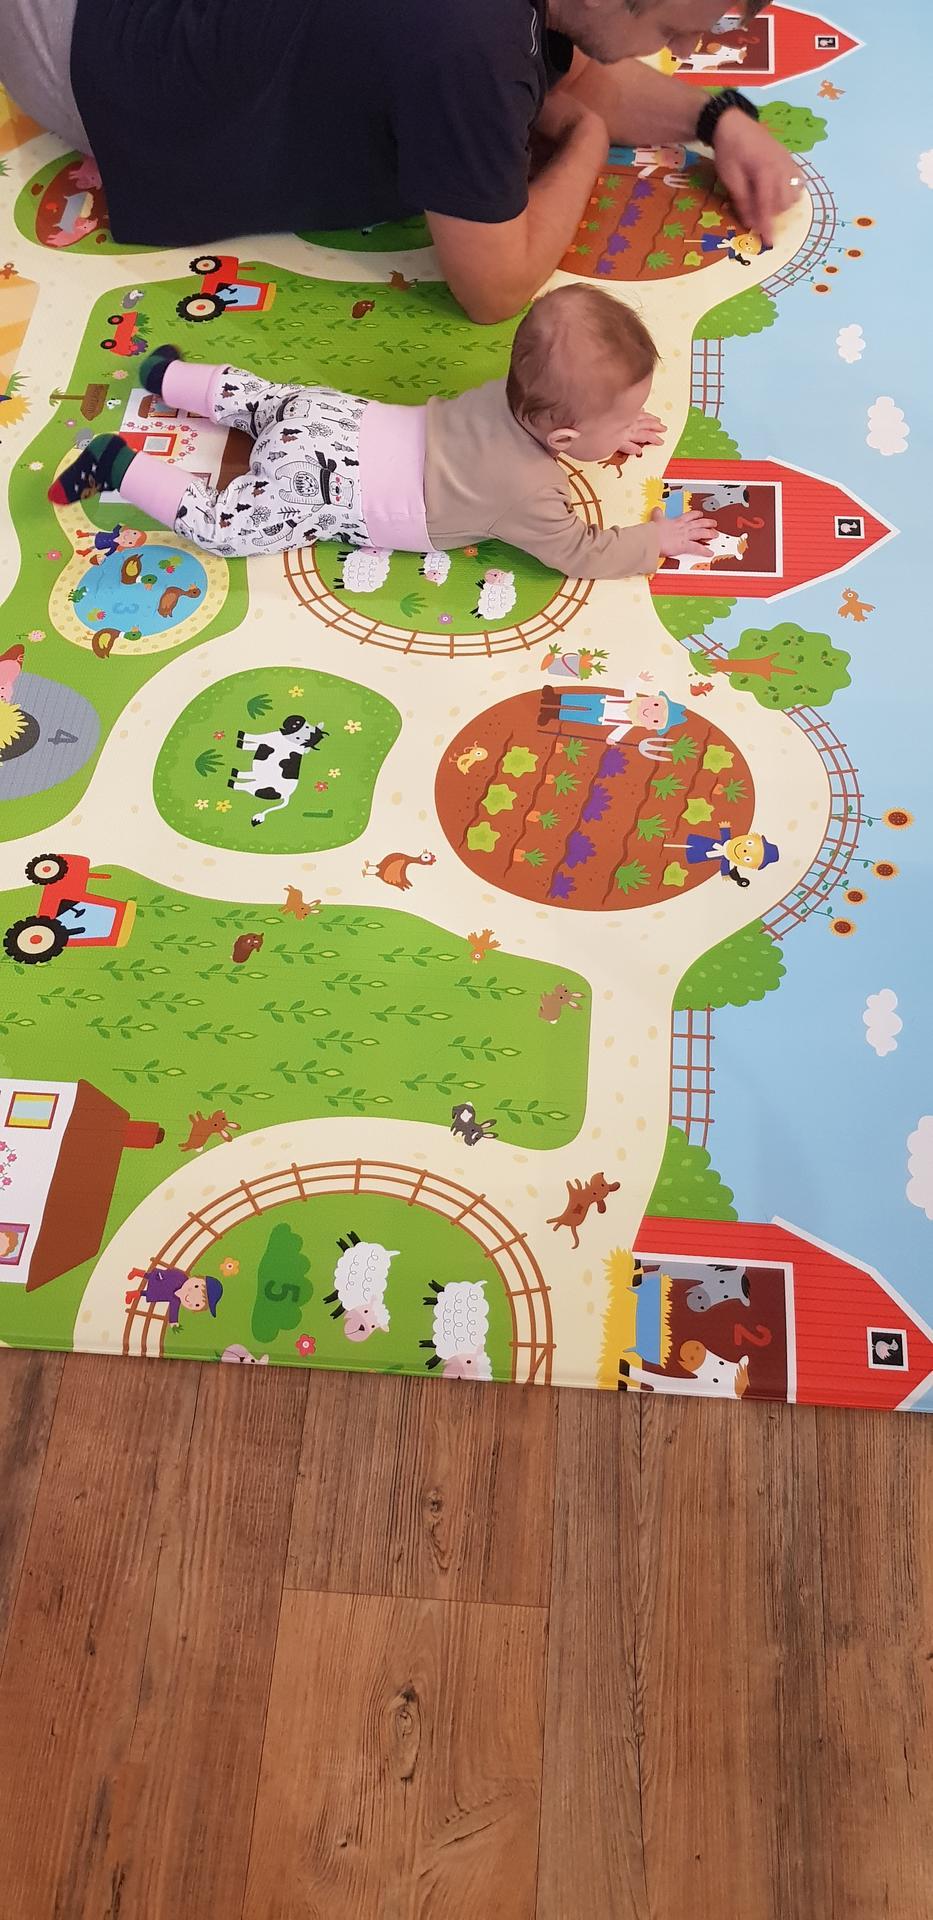 """Tak jsem poslala manžela do Brena, aby koupil nějaký kusový koberec do obýváku.... měl být málo barevný, třeba hnedý, žíhaný....myslím že to úplně trefil 😂😂😂 Kdo má malé dětičky- doporučuji ( je to taková paměťová """"pěnoguma"""" ) - Obrázek č. 1"""